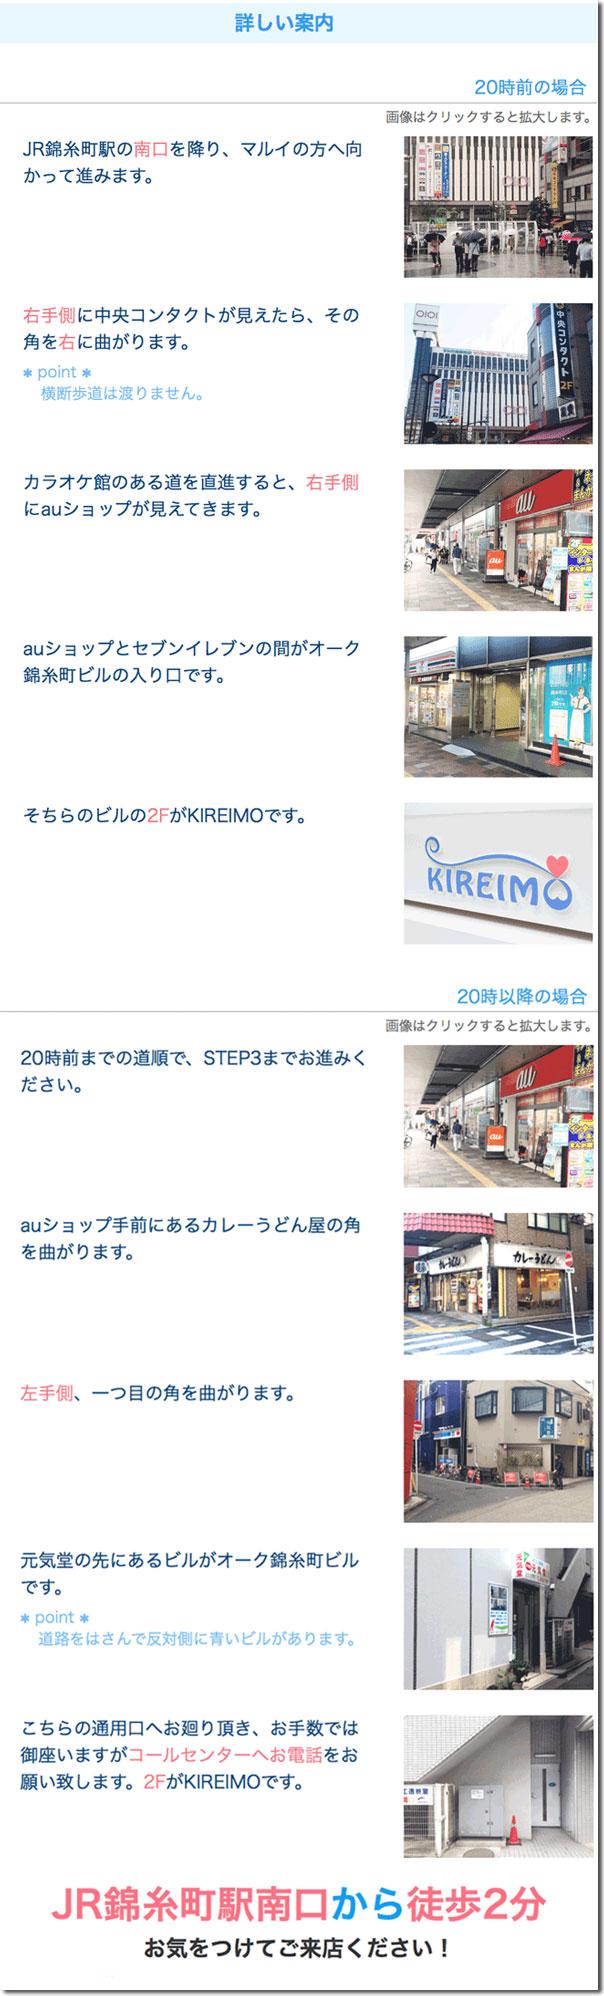 キレイモ錦糸町店までの道順